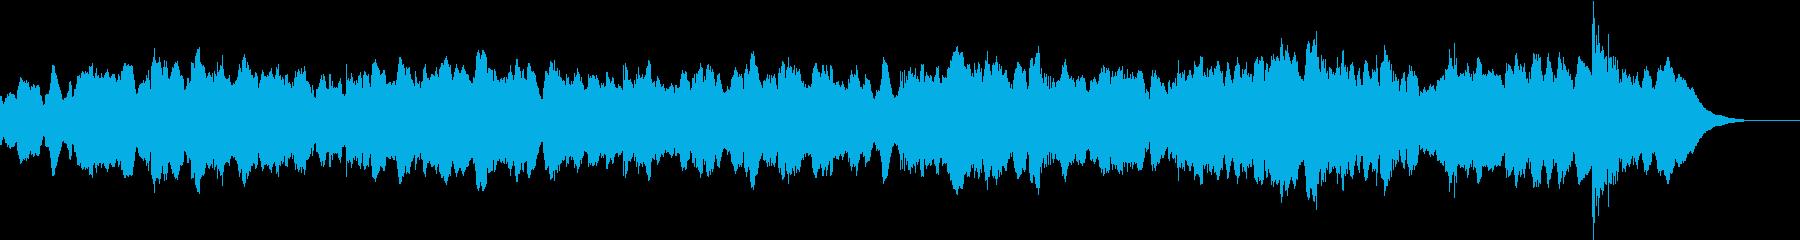 とても暗い雰囲気のオーケストラサウンドの再生済みの波形